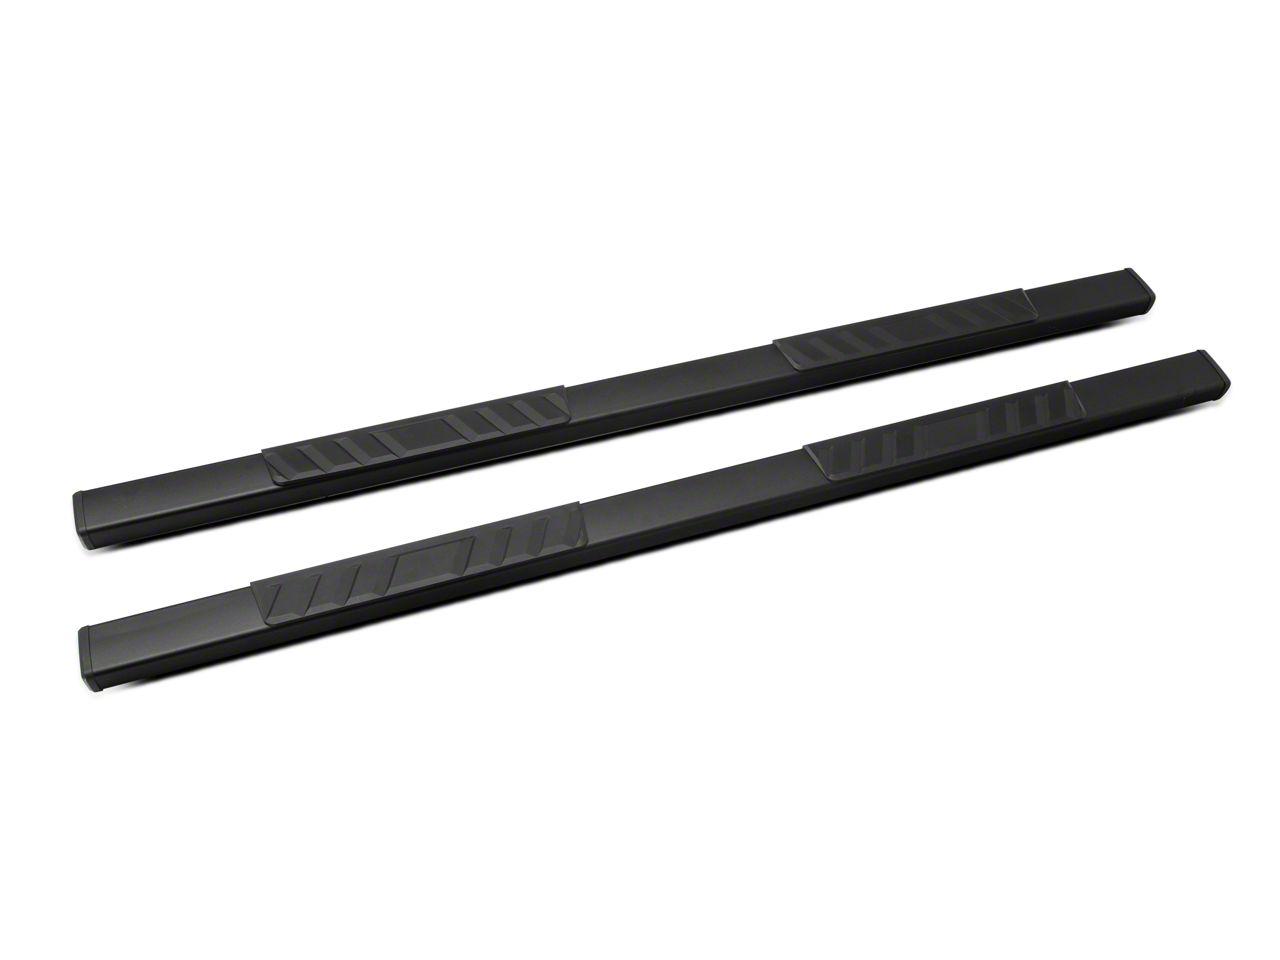 Duratrek T4 Side Step Bars - Black (2019 Sierra 1500 Crew Cab)